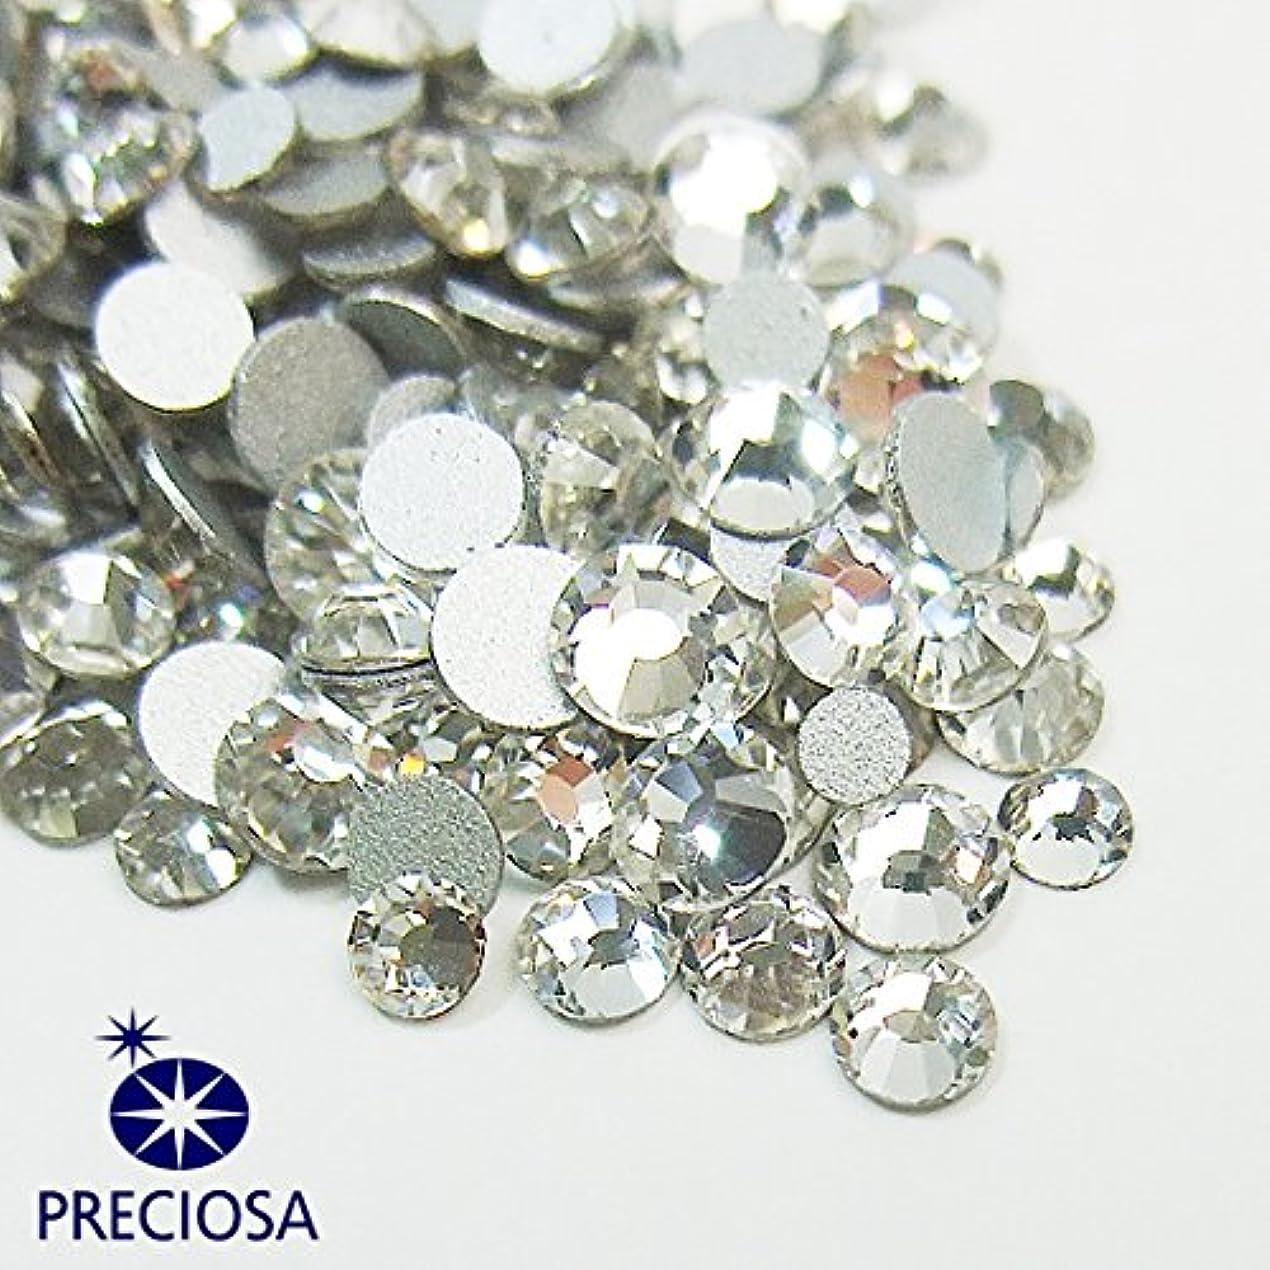 のぞき穴確立マニフェストプレシオサ(PRECIOSA) チェコ製ラインストーン【お試しMIX】 クリスタル 160粒入